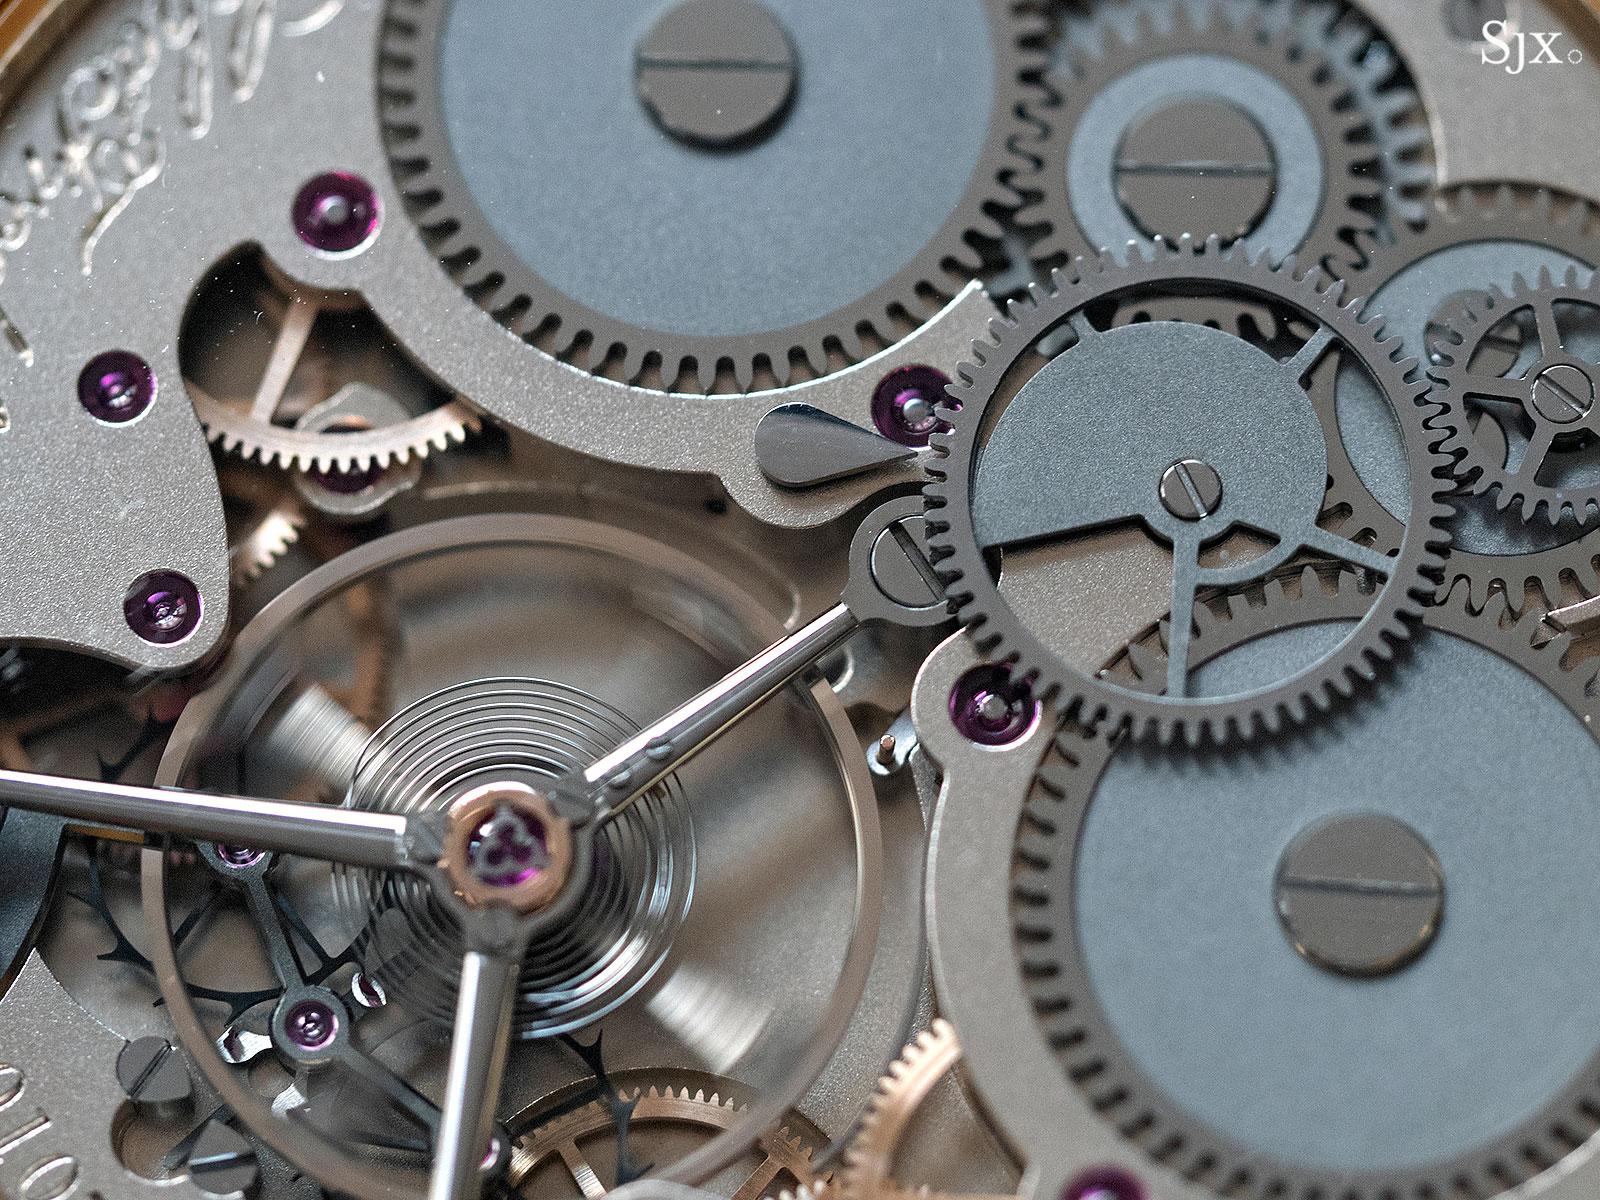 Frodsham Double Impulse Chronometer 22k gold 2